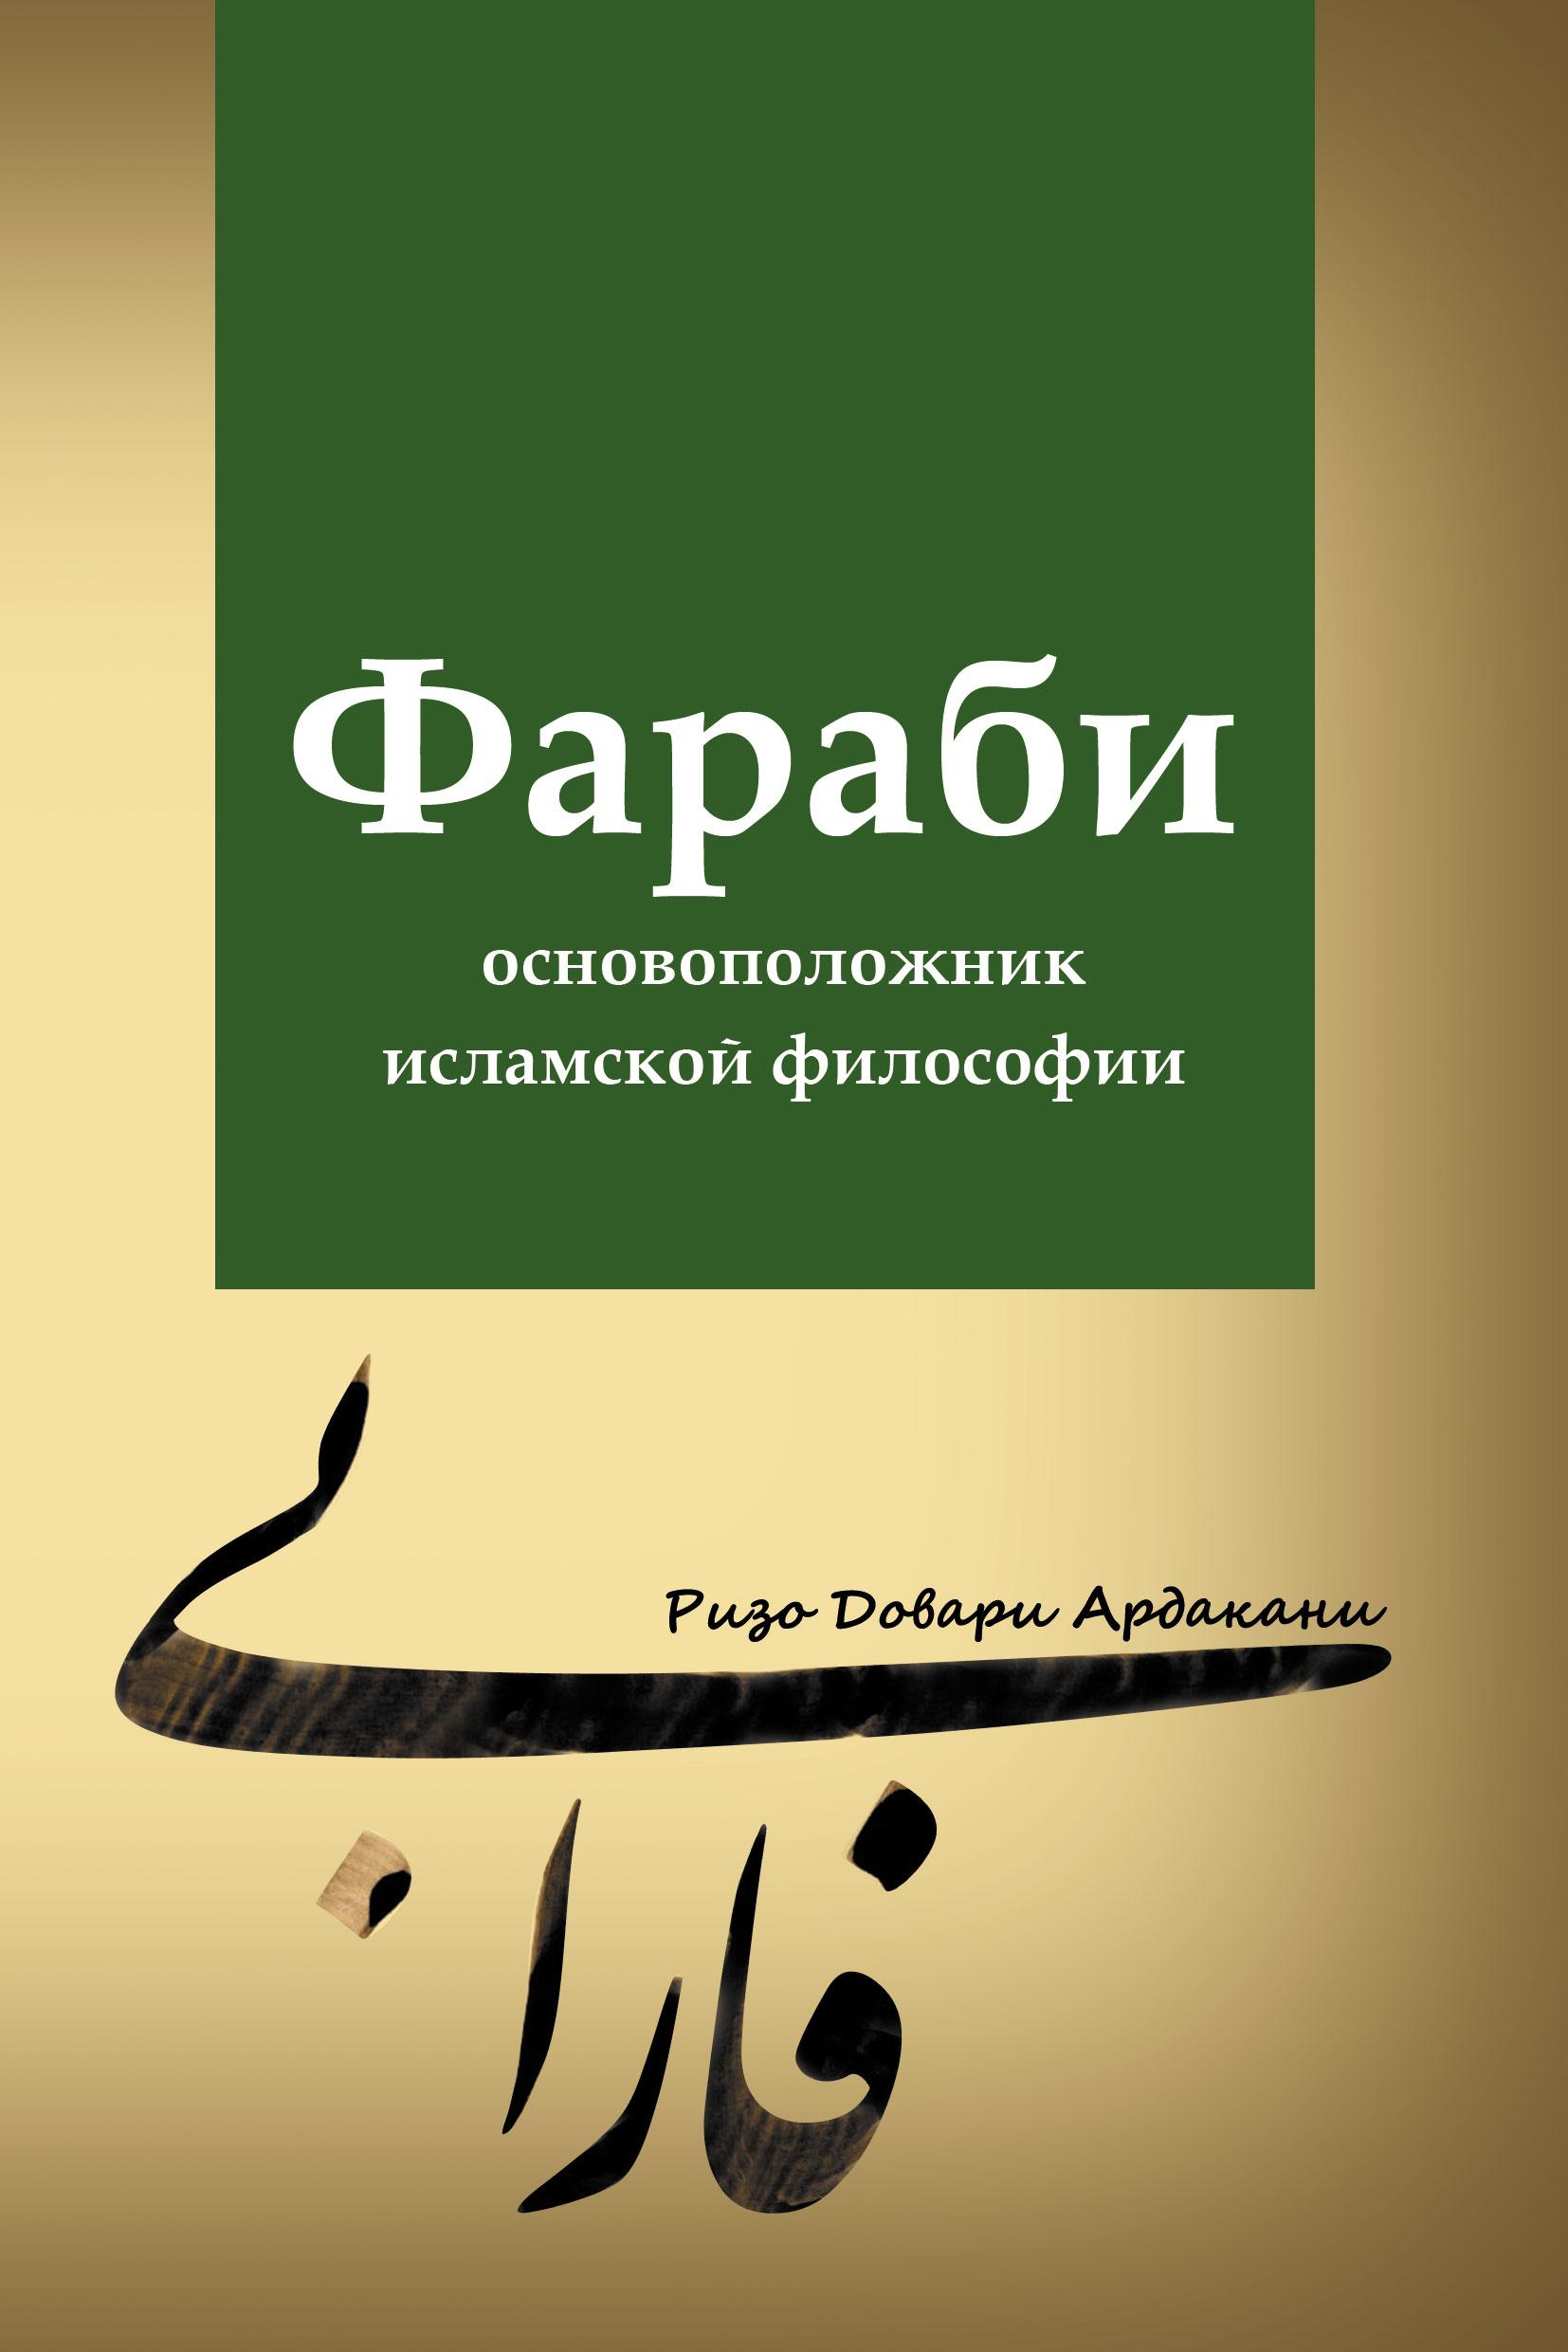 Ризо Довари Ардакани Фараби – основоположник исламской философии а аль фараби математические трактаты